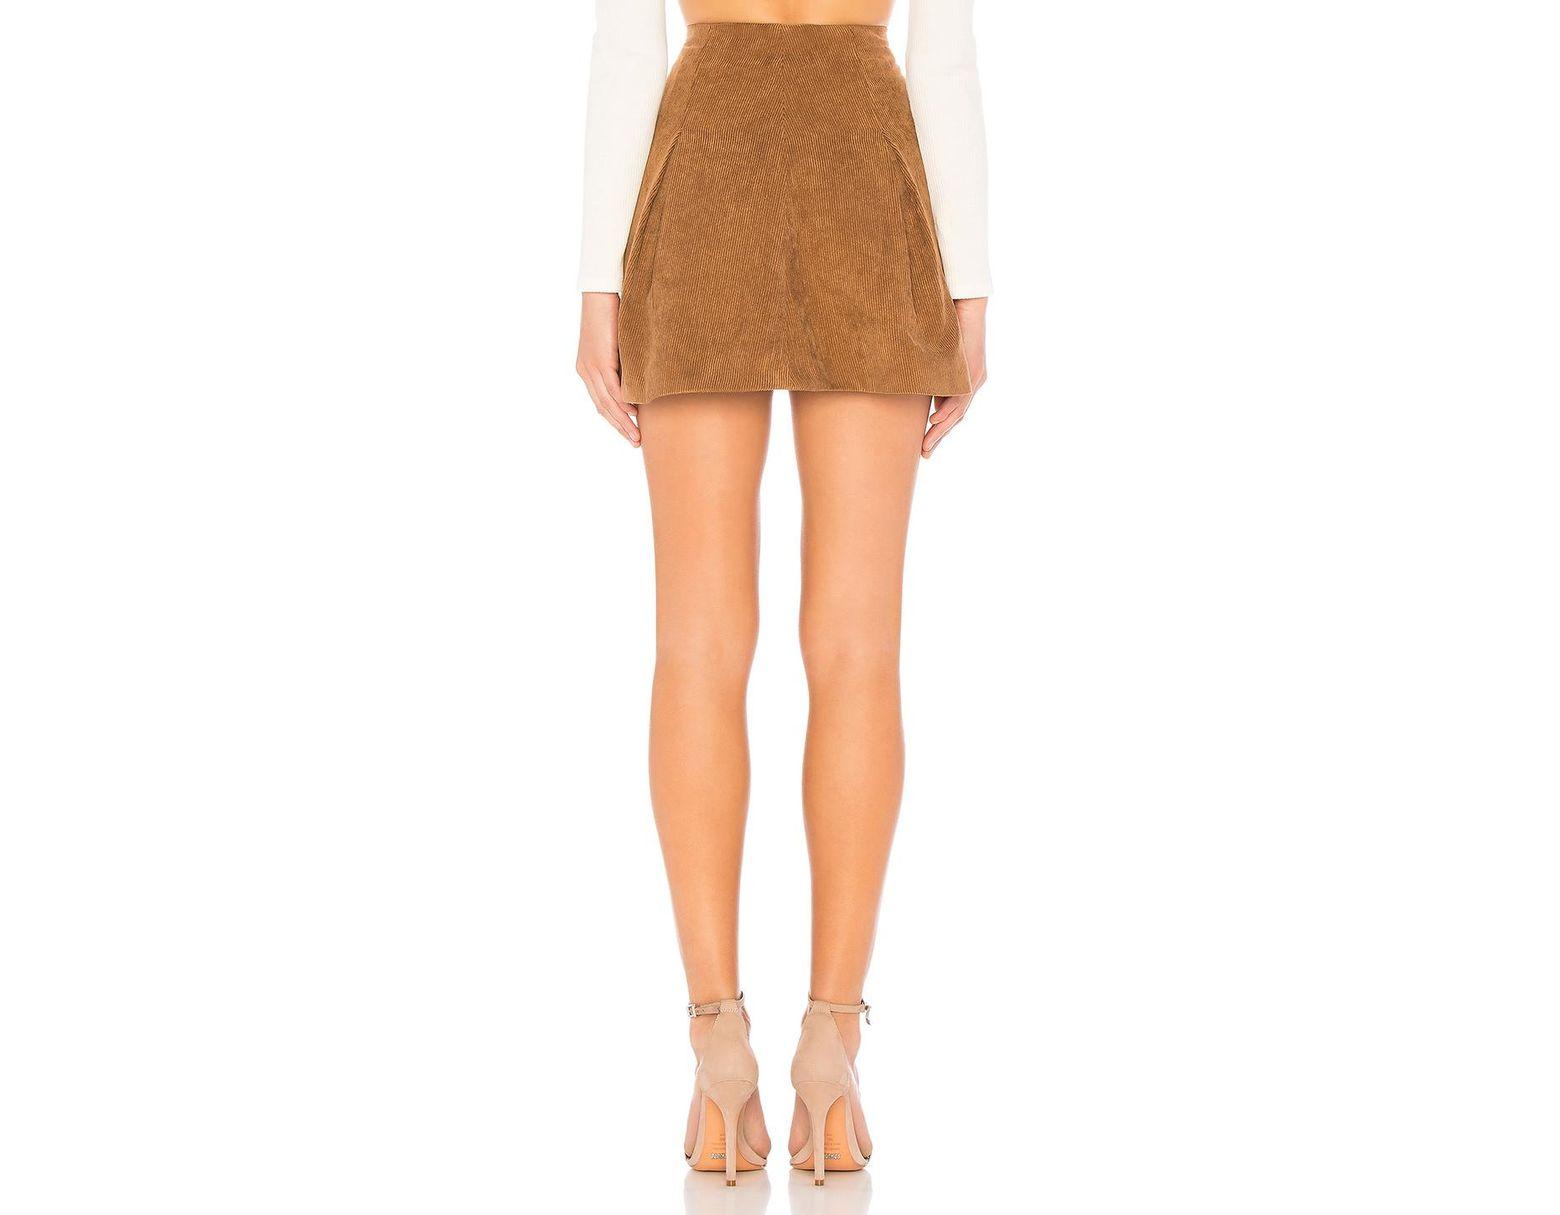 d0db2a4863 Tularosa Kendall Corduroy Skirt - Lyst